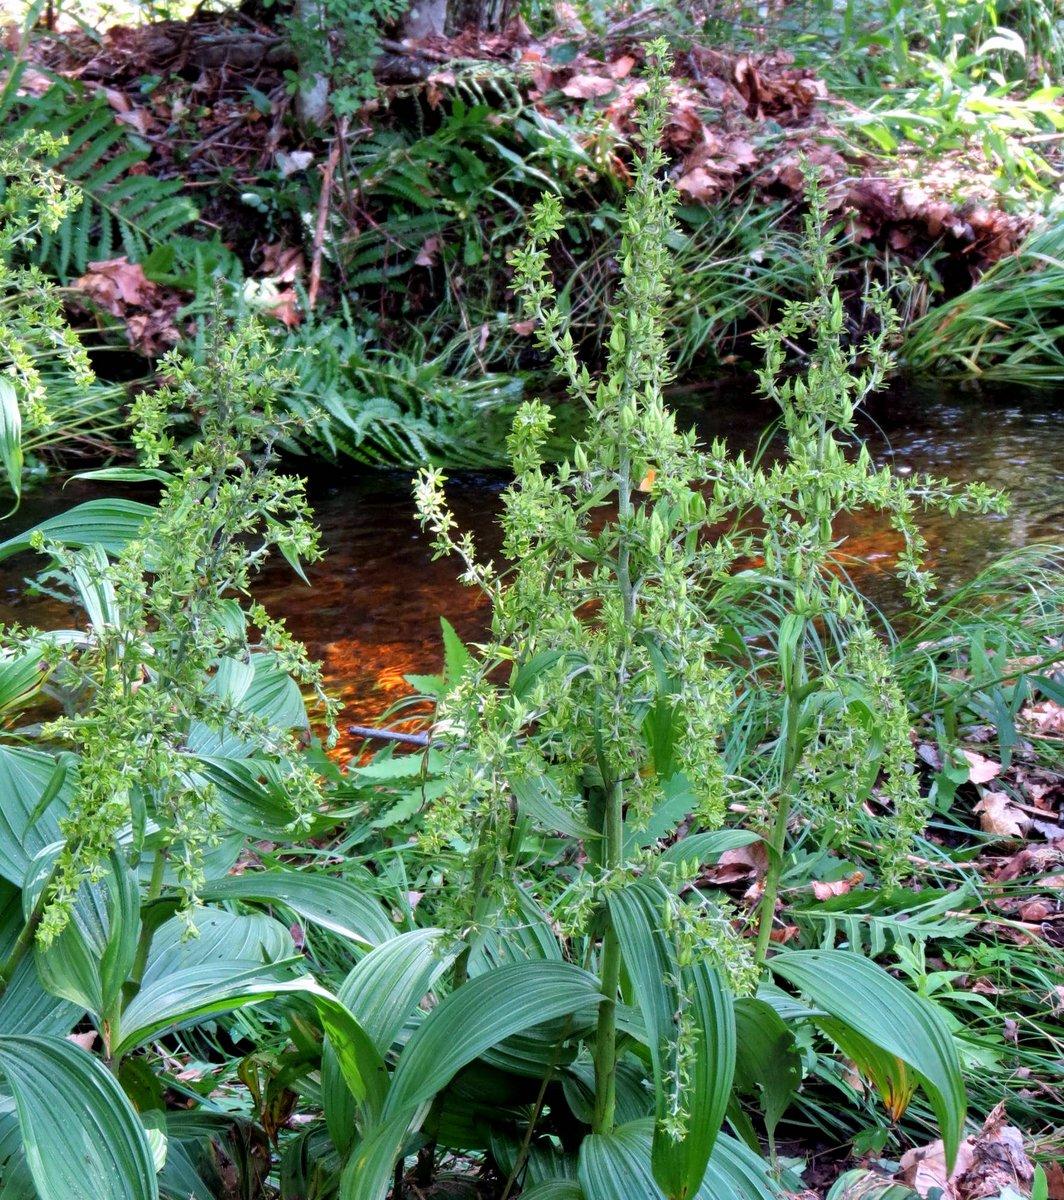 4. False Hellebore Flowering